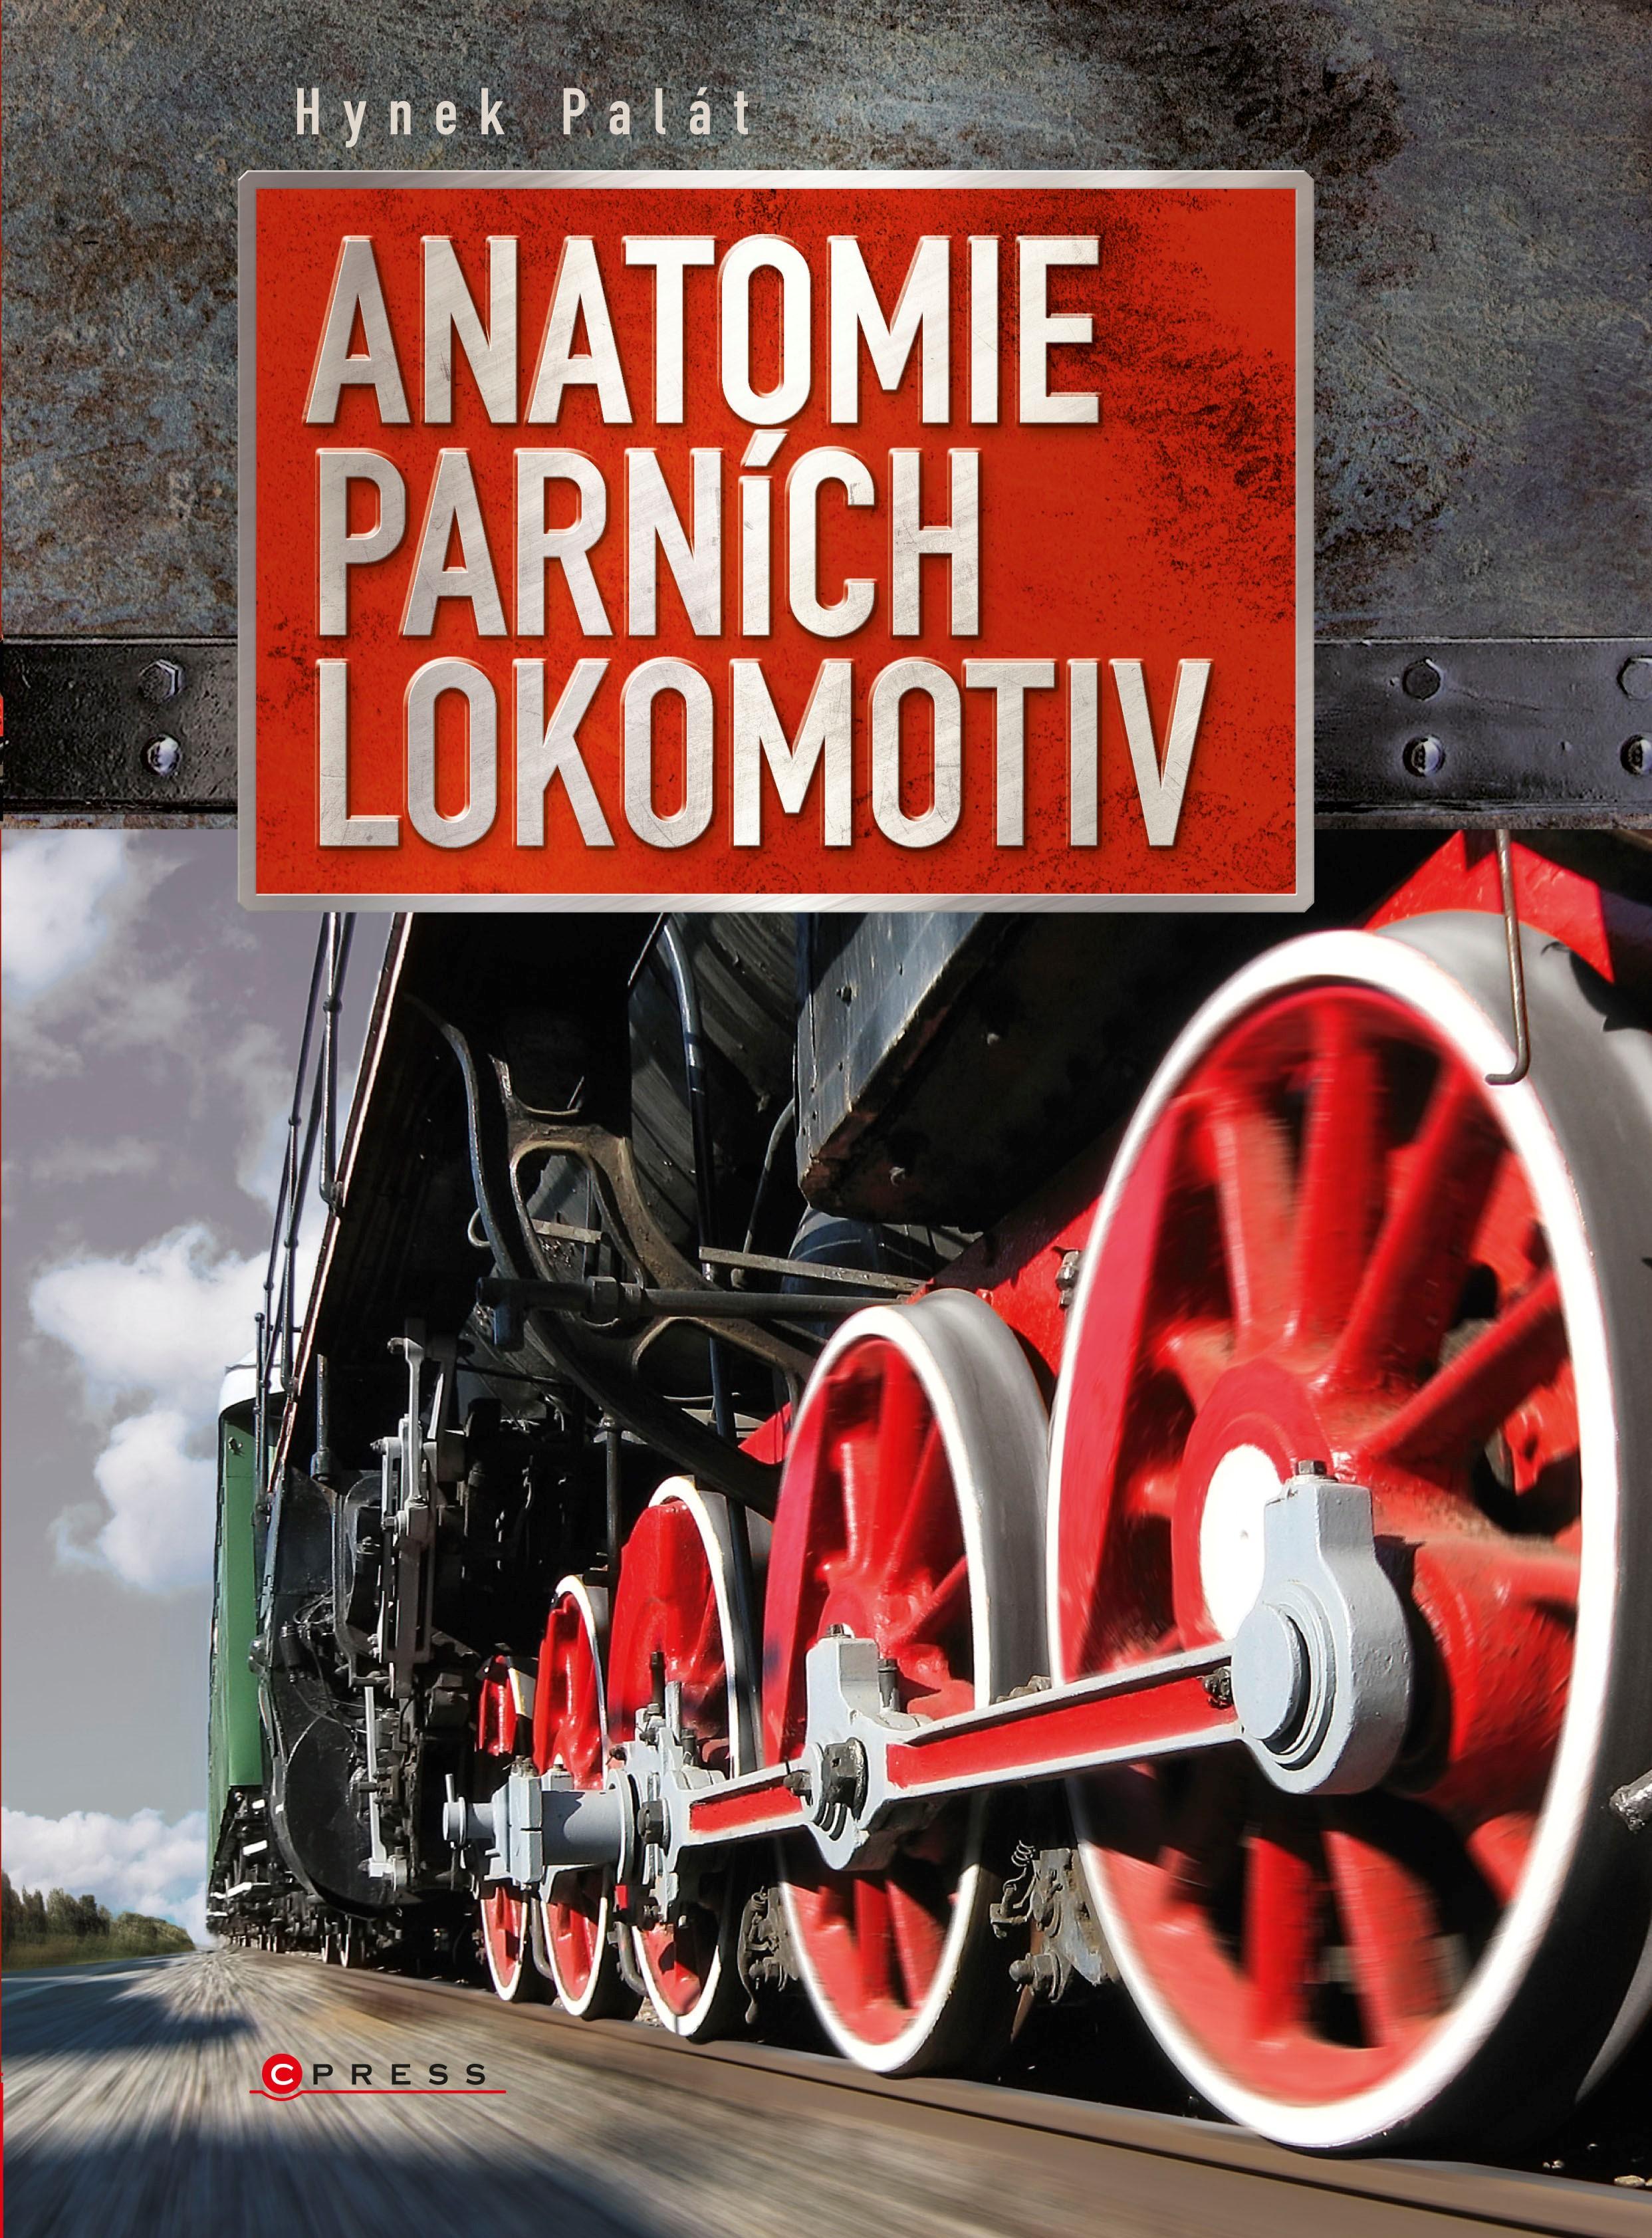 Anatomie parních lokomotiv | Hynek Palát